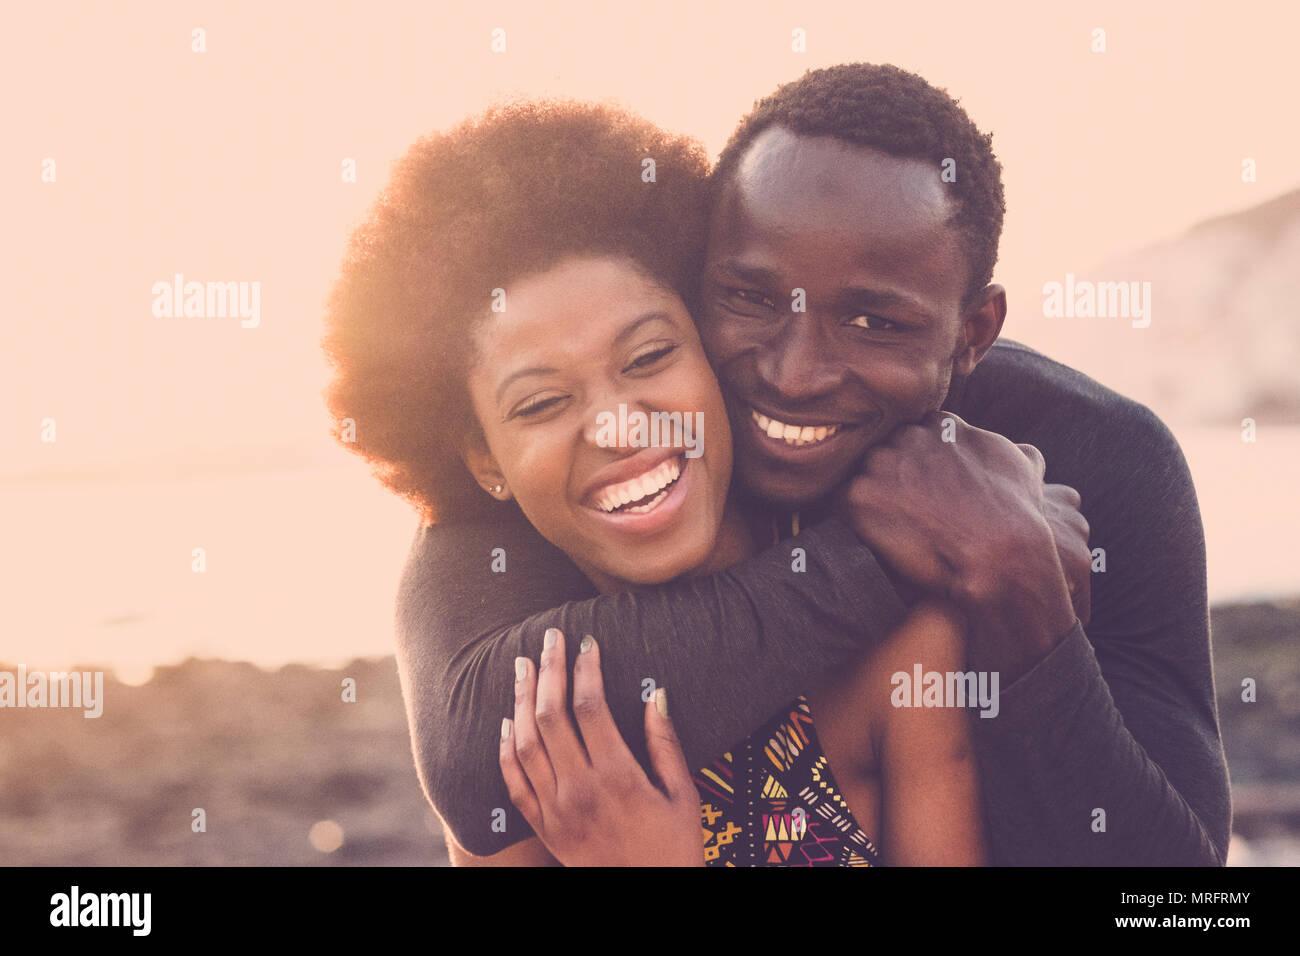 Belle race noire beau modèle couple homme et femme jeune âge hug et rester ensemble avec l'amour et l'amitié. une place pittoresque près de la plage pour Photo Stock